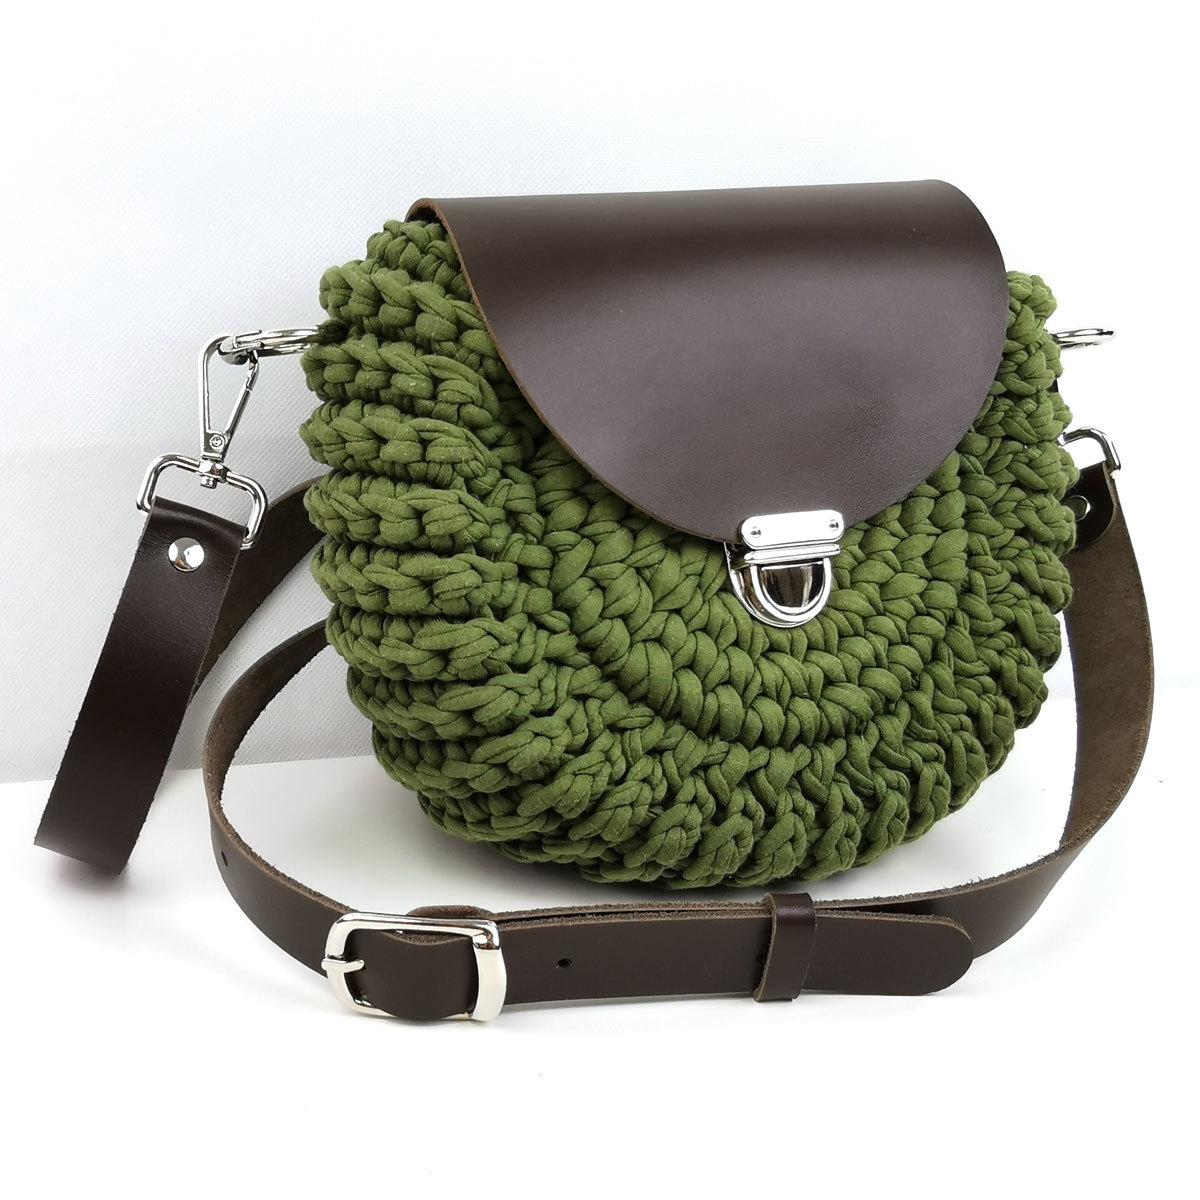 """Каталог Комплект для сумочки Орео """"Темно-коричневый"""" N1 IMG_20200321_151517.jpg"""